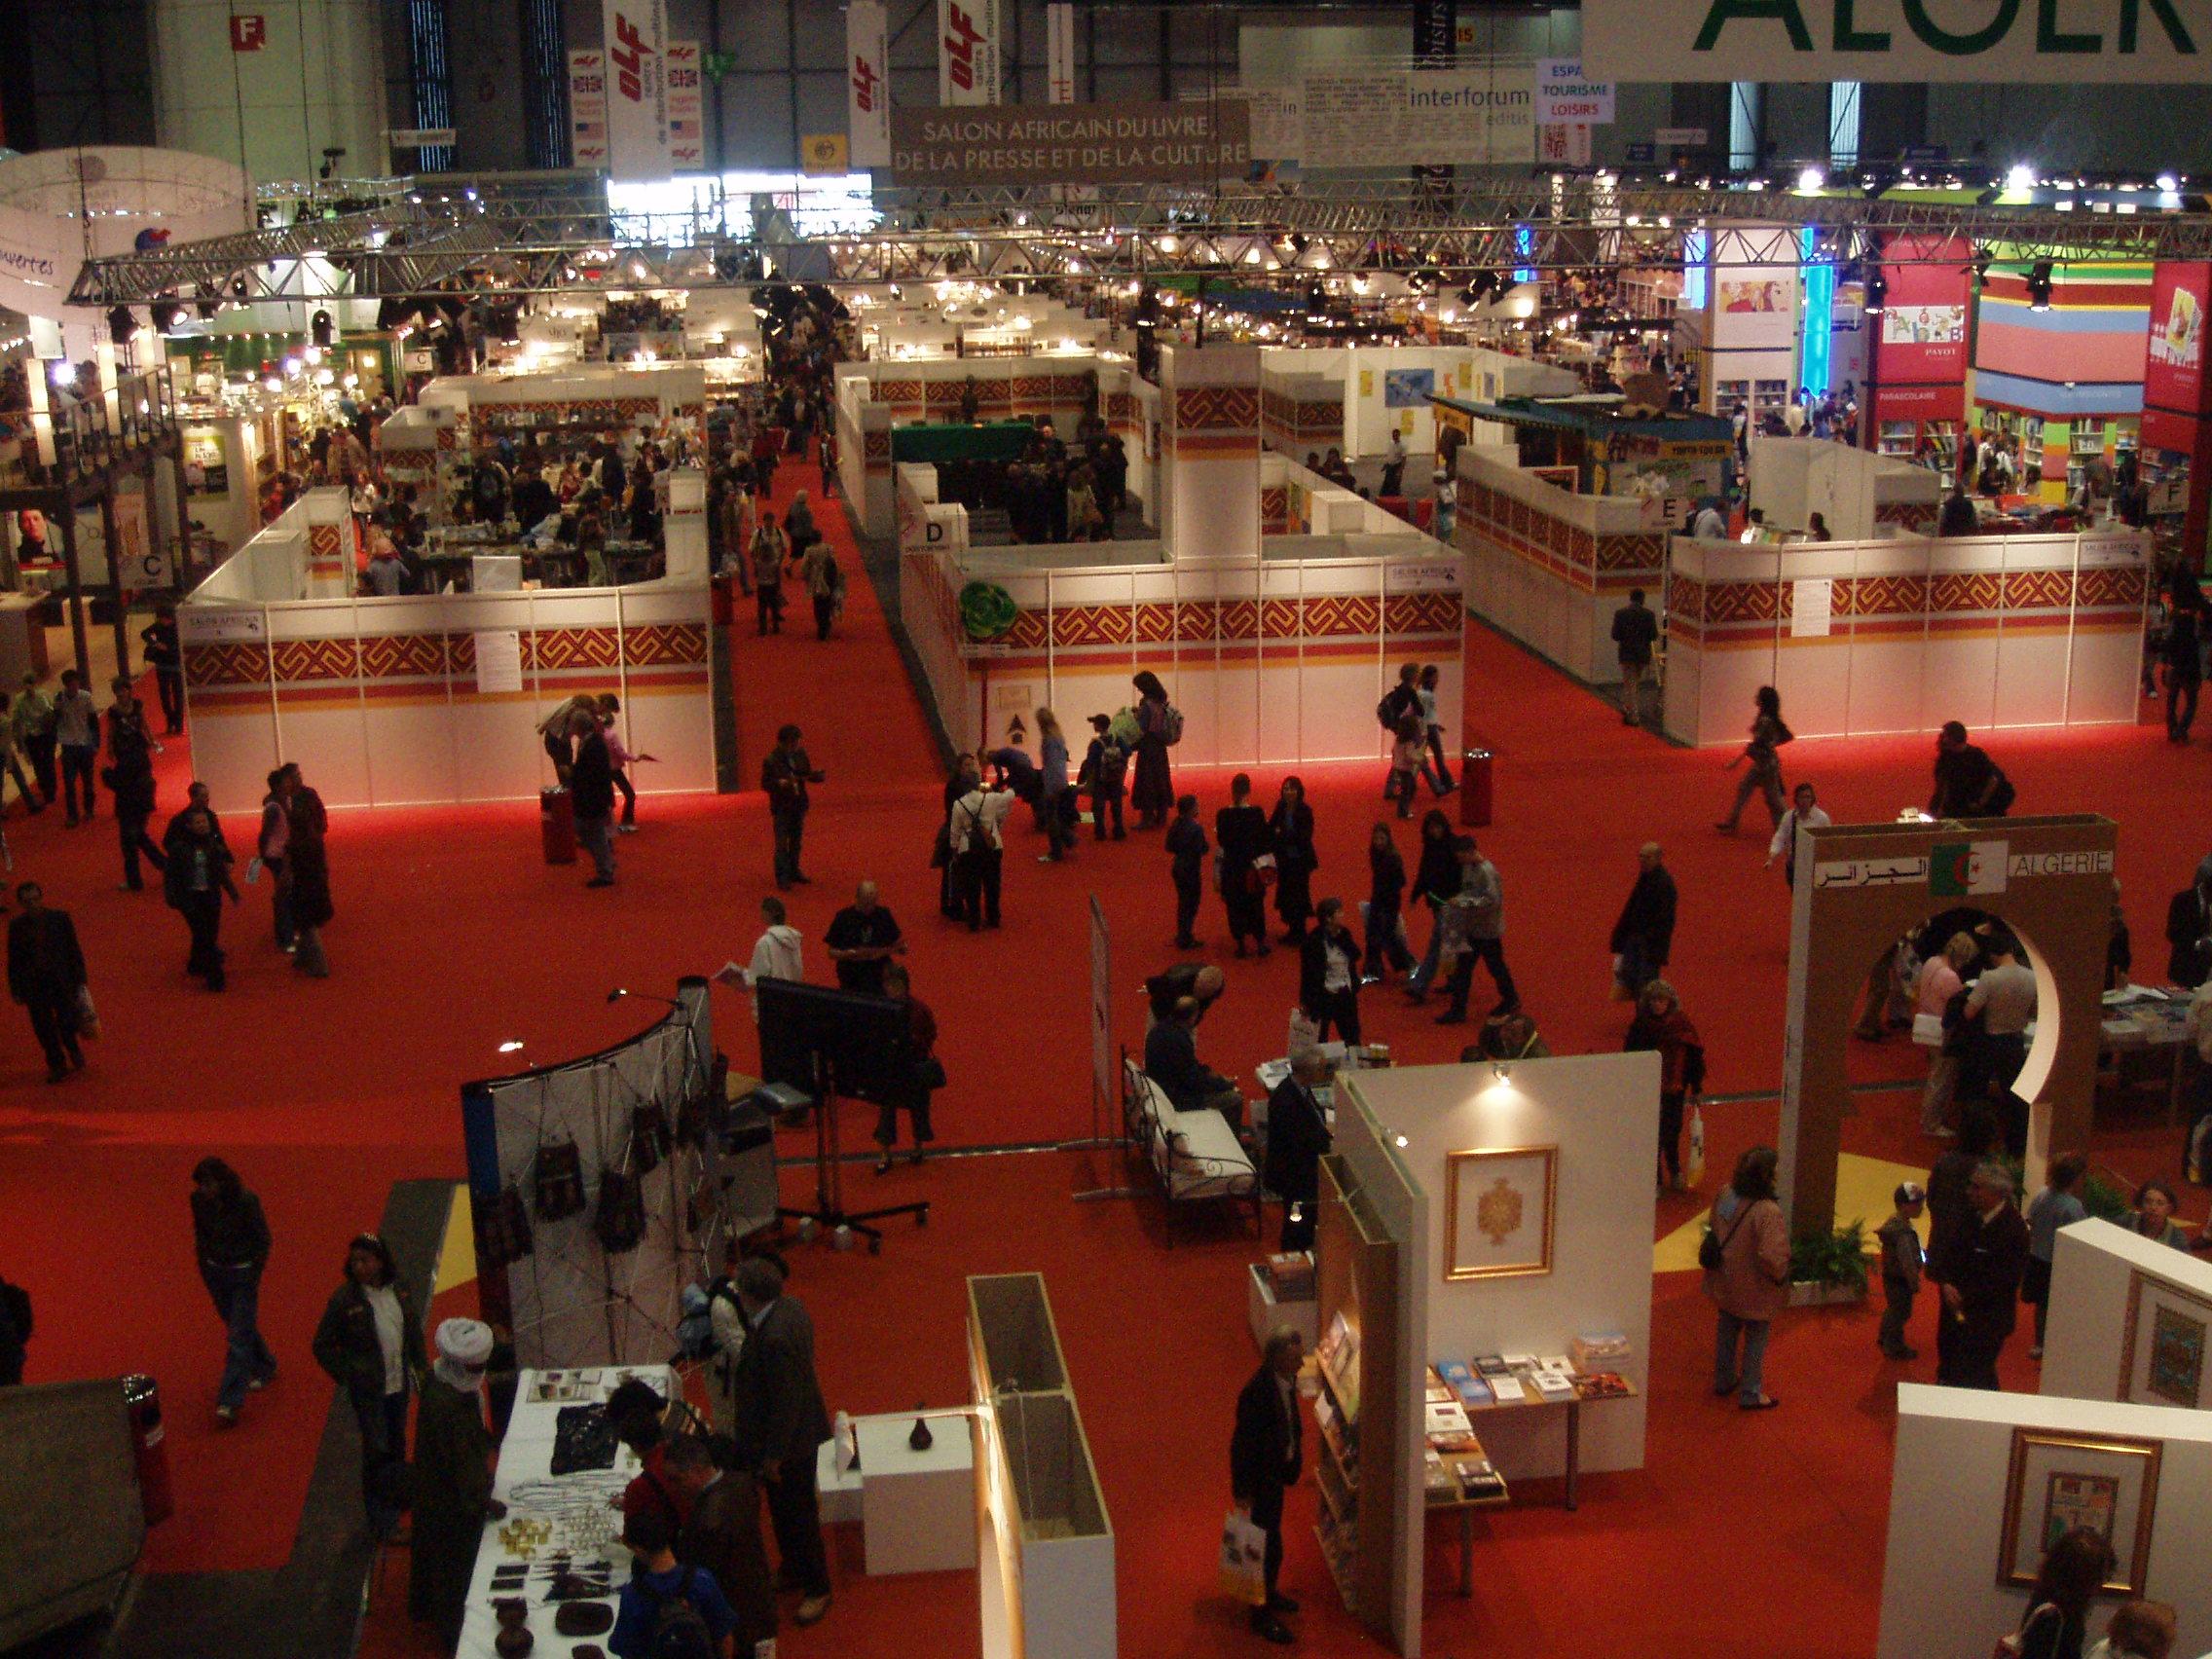 Le salon international du livre et de la presse de gen ve suisse a 20 ans congopage - Salon international de geneve ...